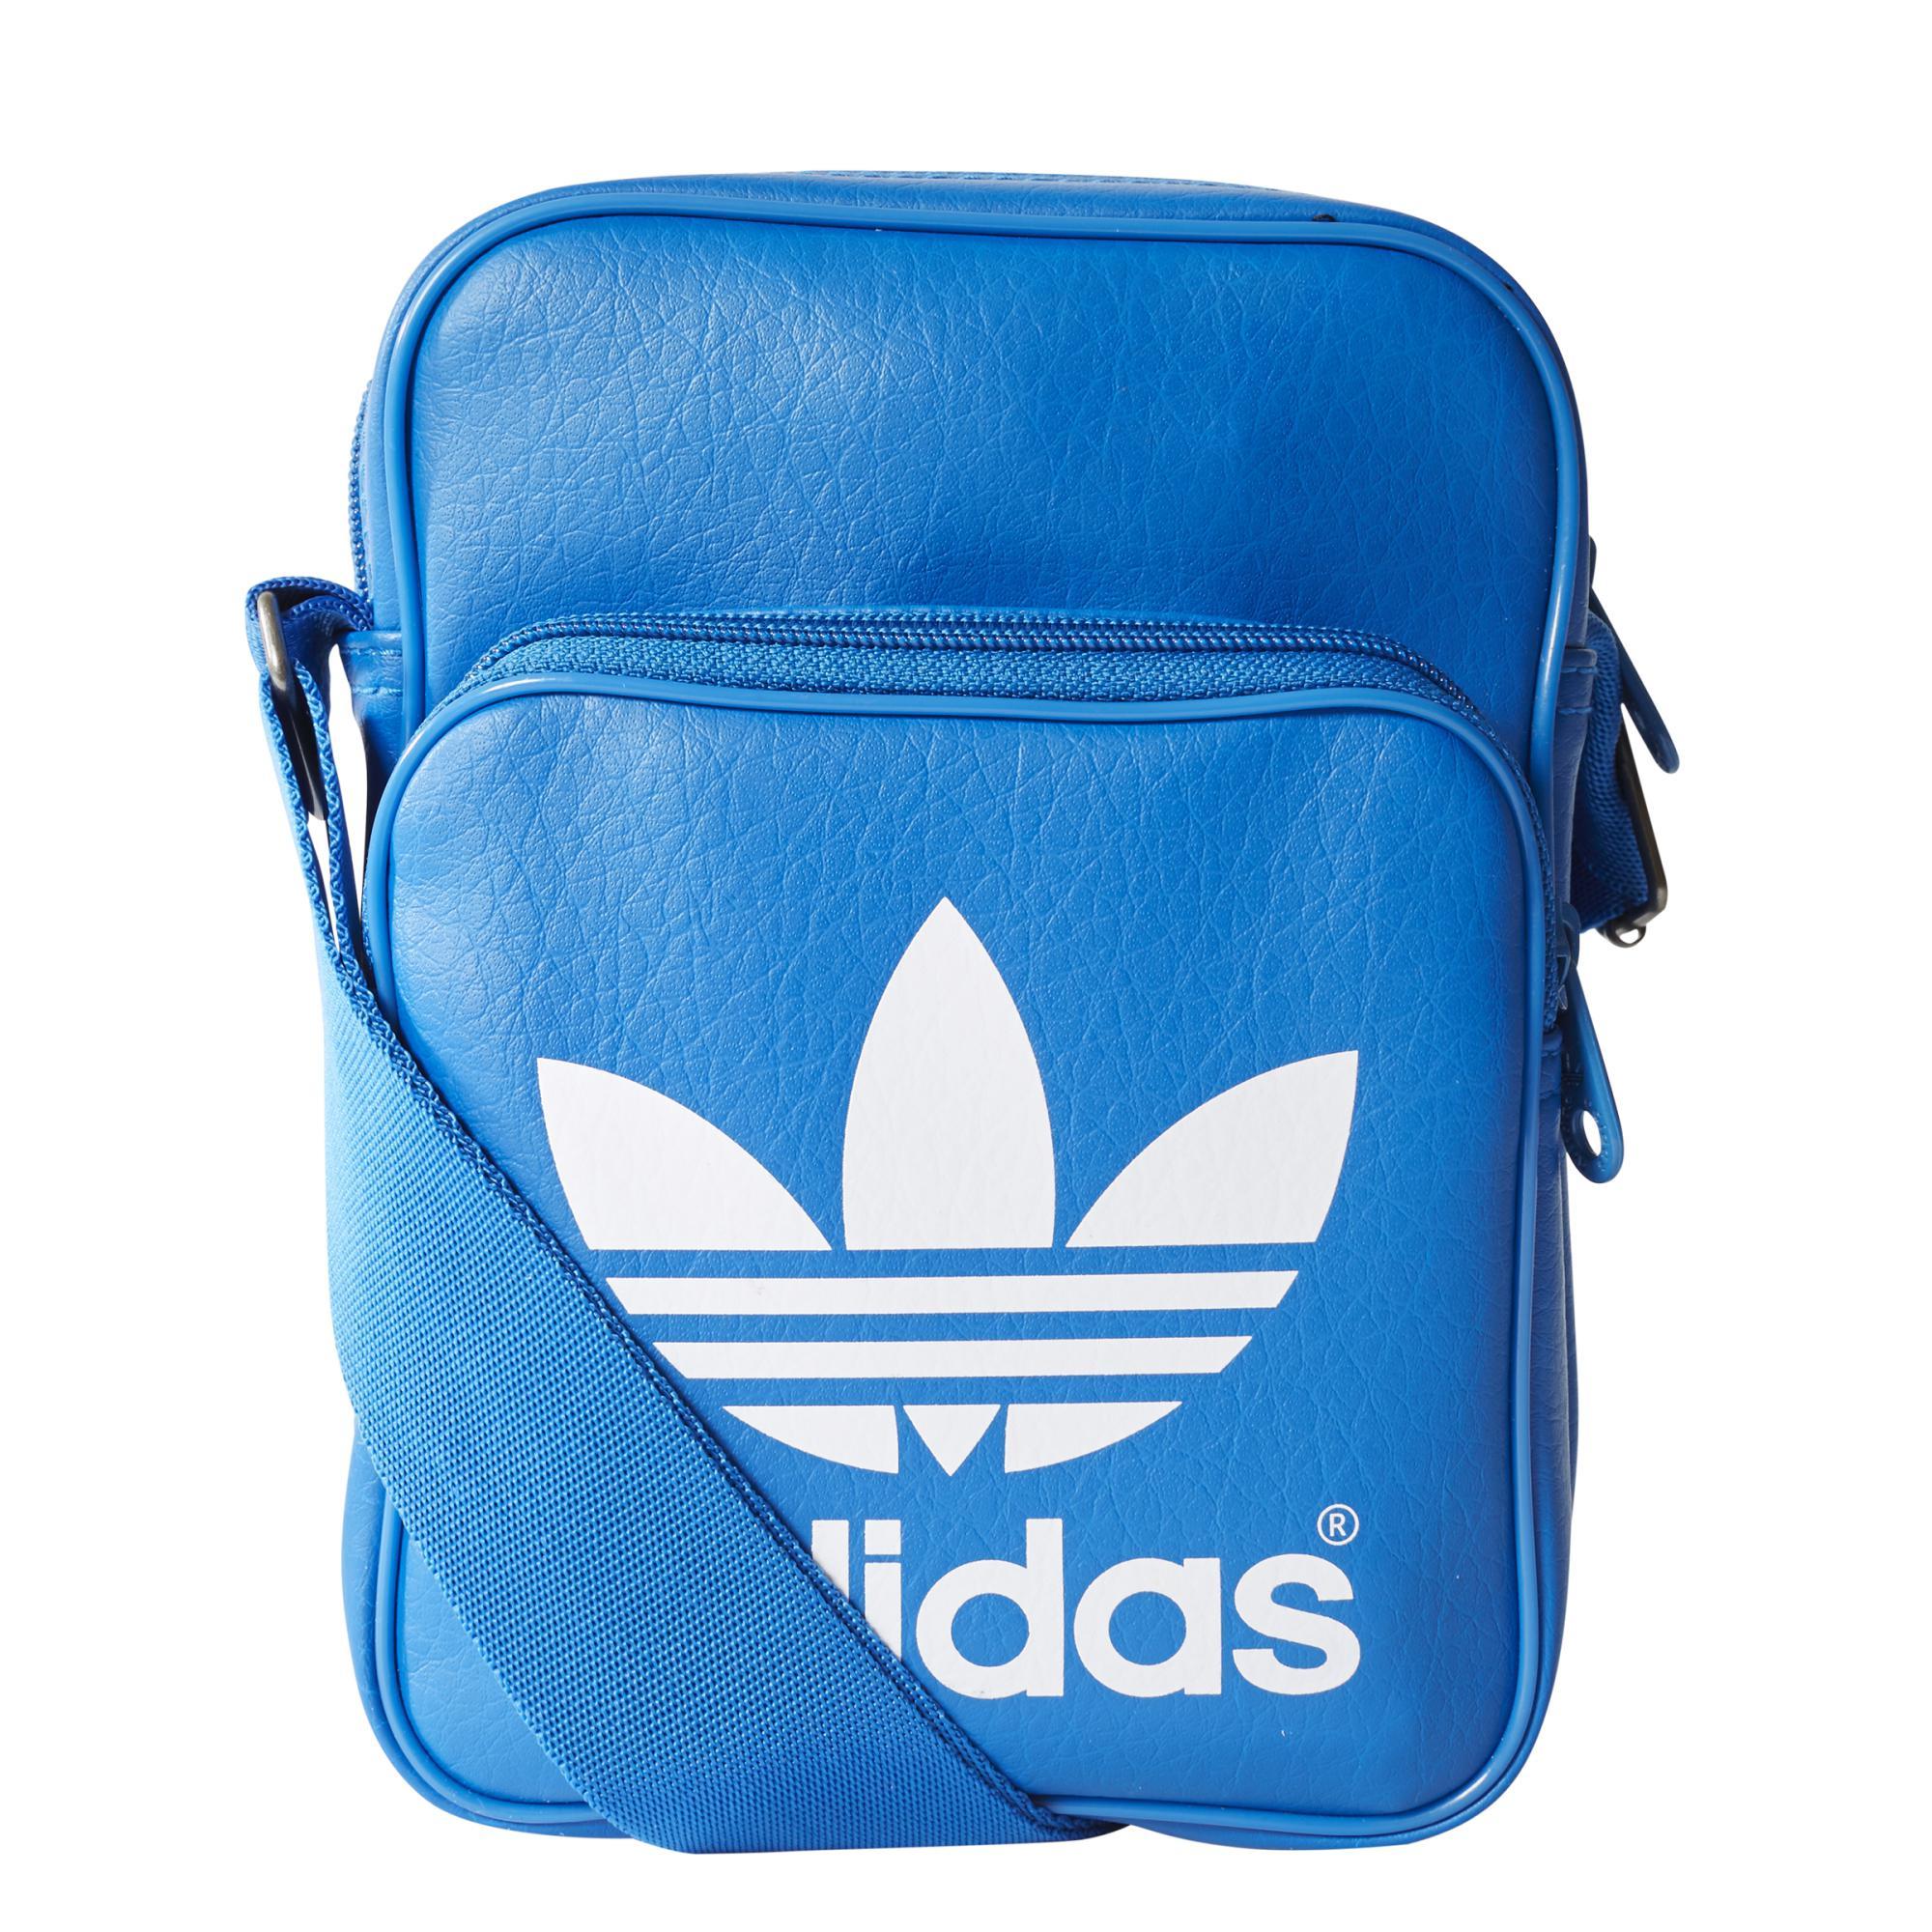 Adidas Originals Adidas Bolso Mini Classicroyalblanco Adidas Bolso Originals Classicroyalblanco Mini ebHEWD92IY